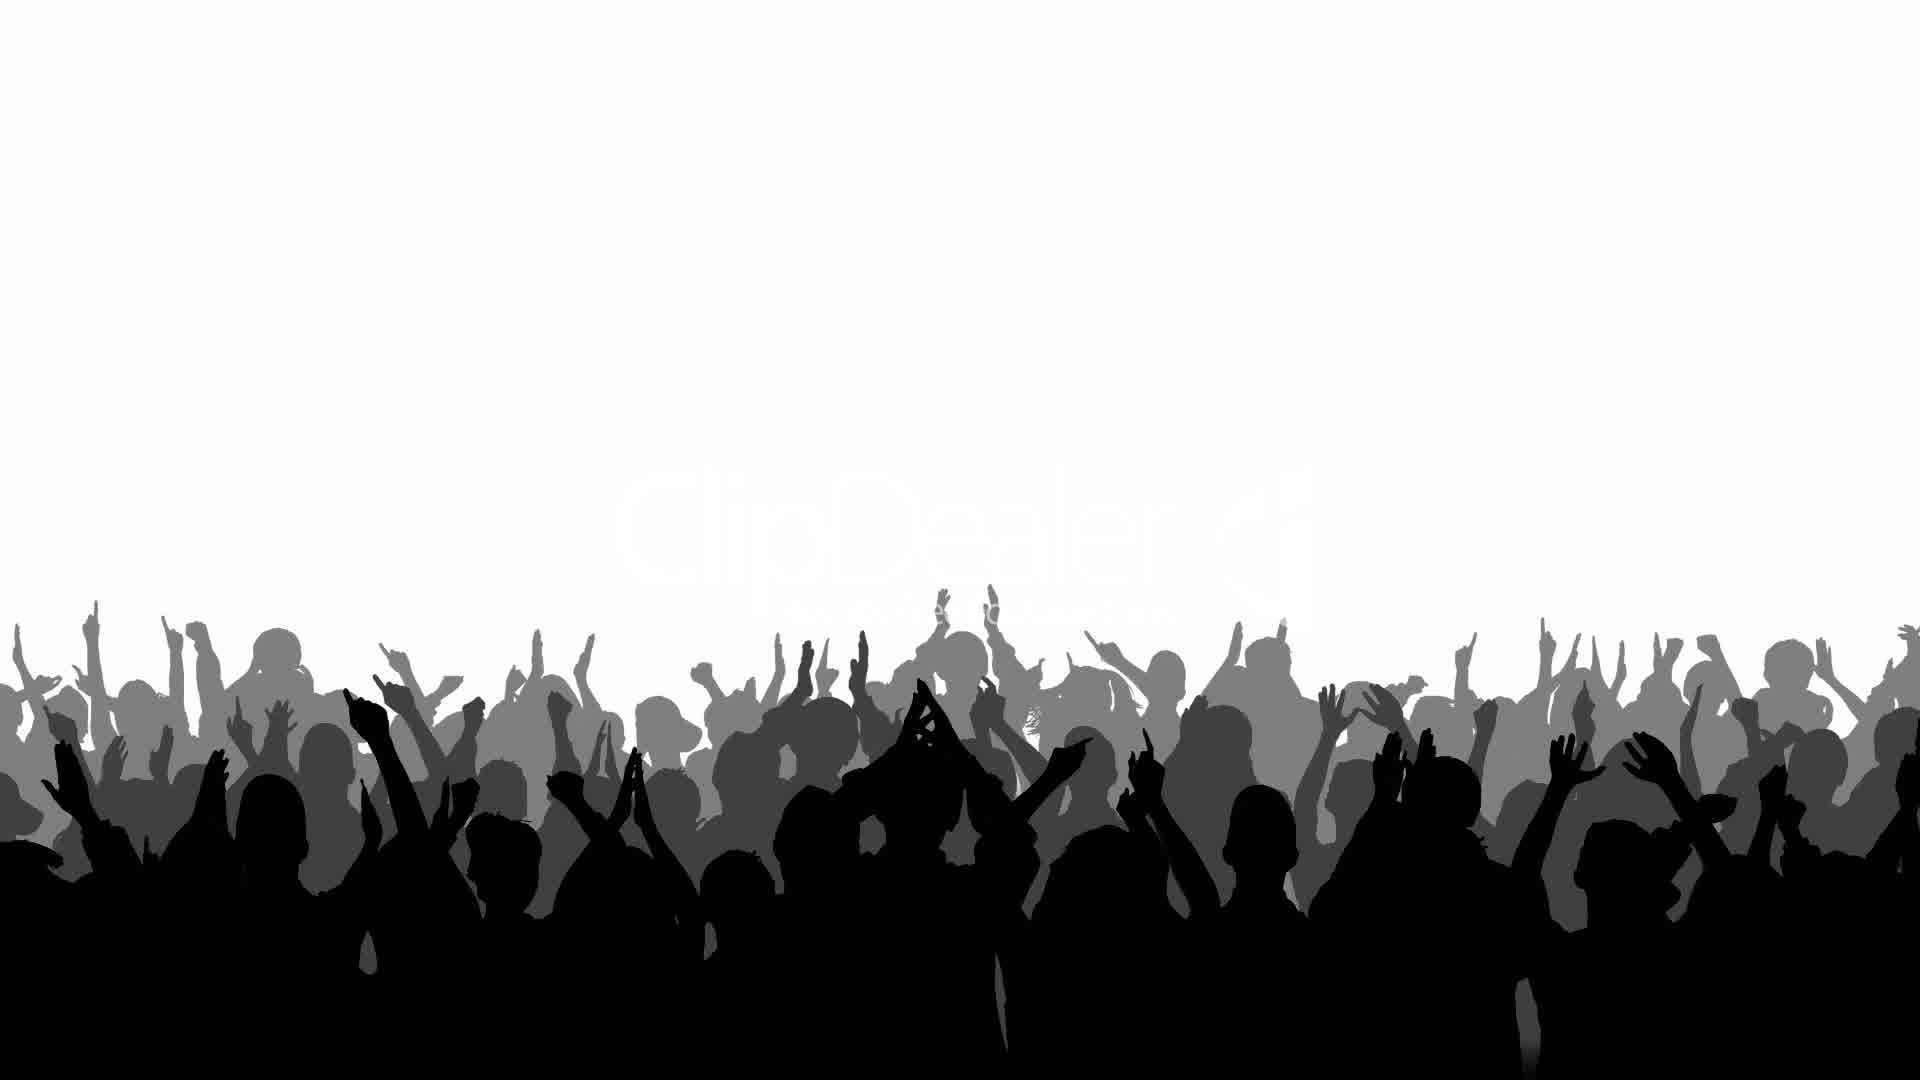 Concert crowd clipart.